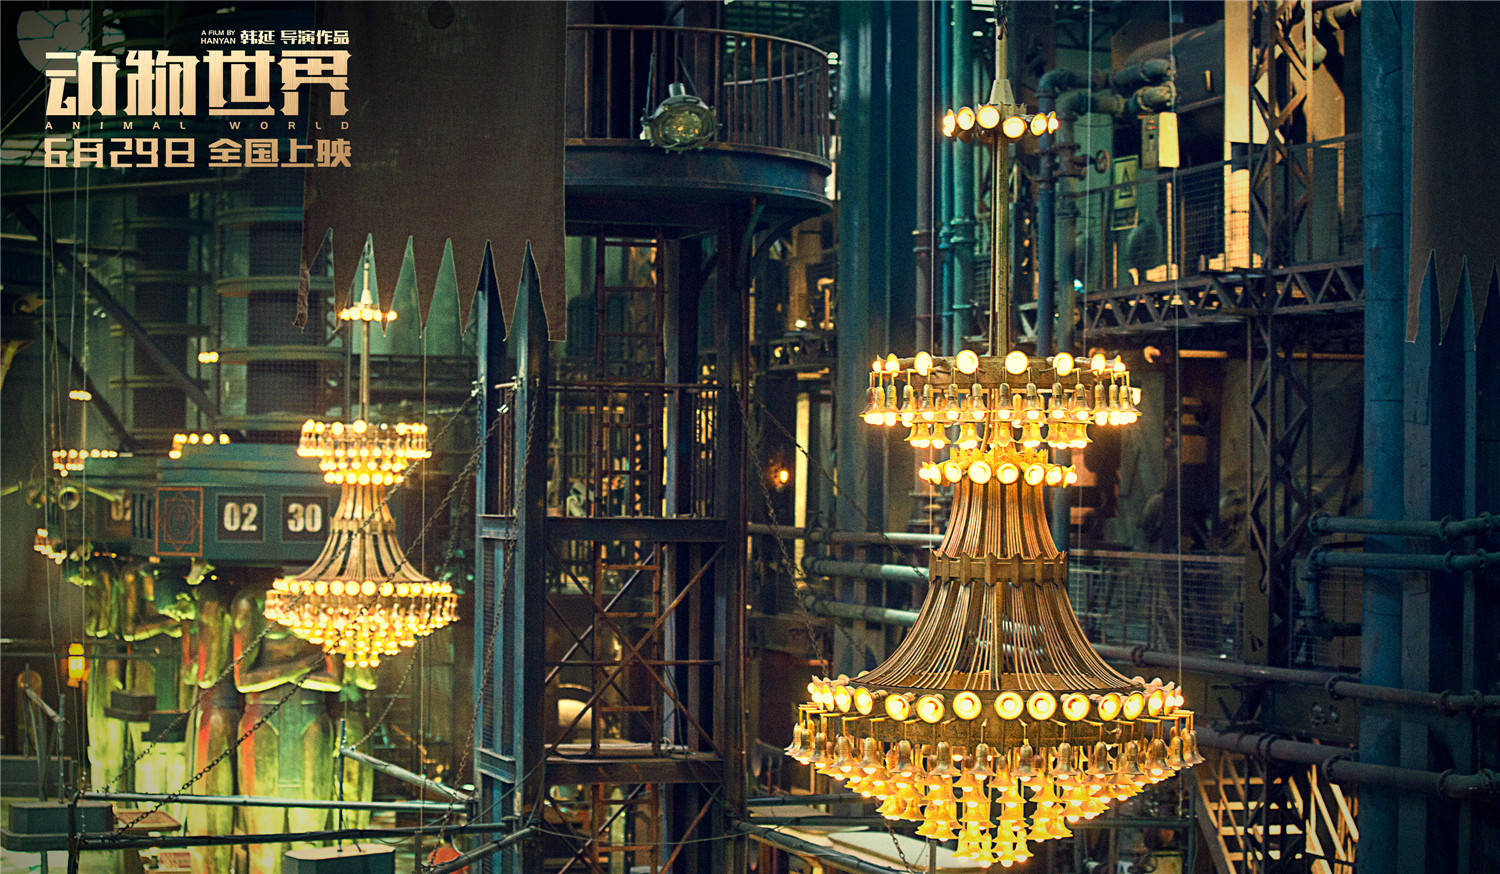 电影《动物世界》让李易峰赞不绝口的考究堪称国内工业化制作新高